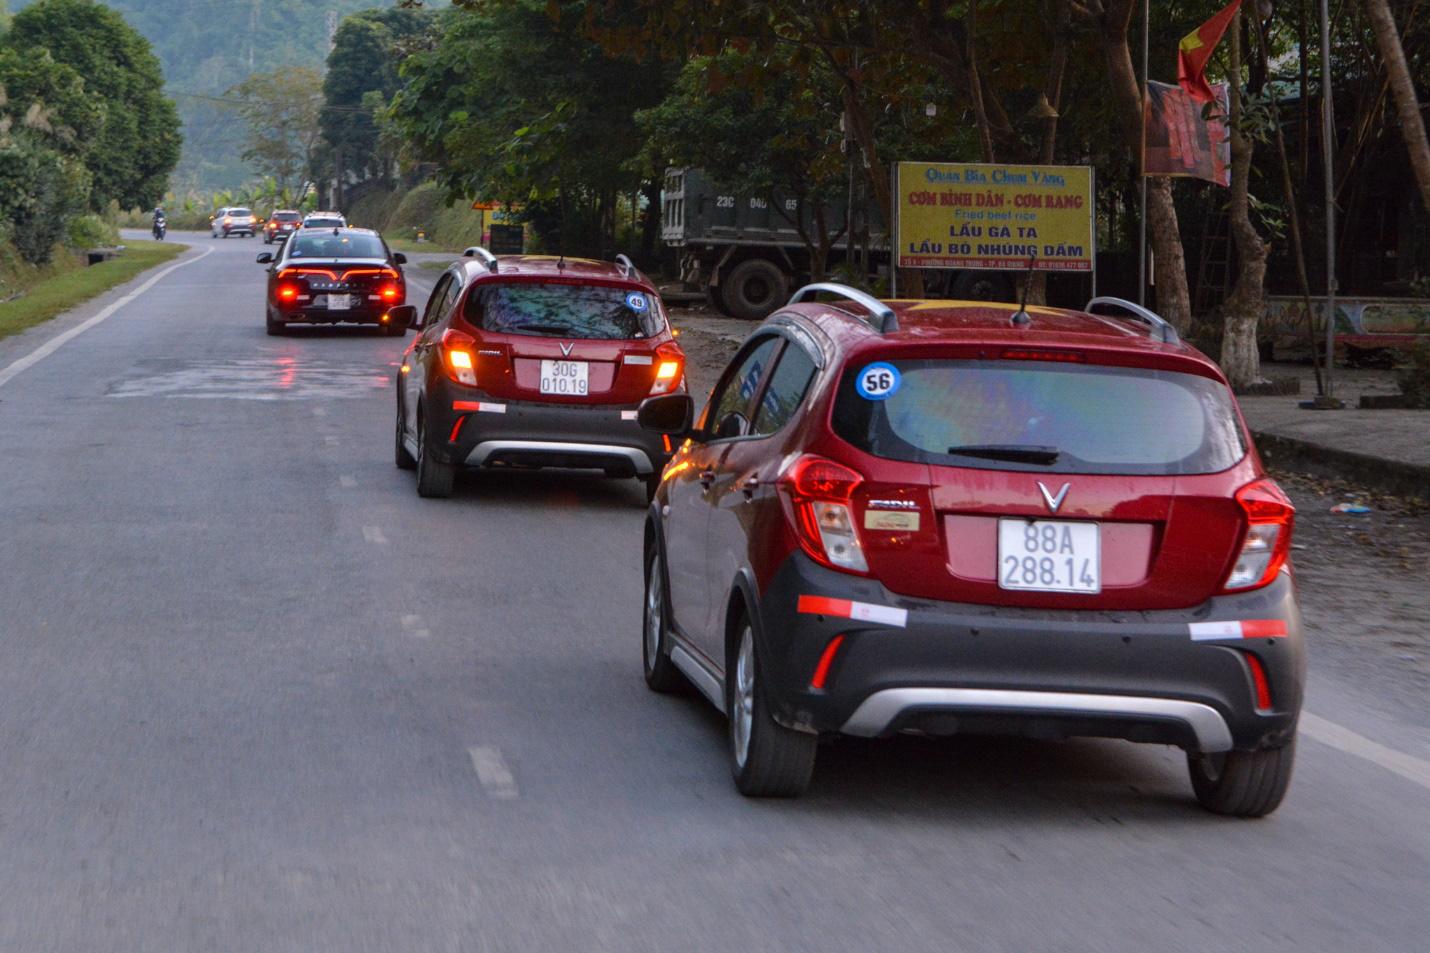 Hàng trăm chủ xe VinFast hào hứng tiếp tục hành trình chinh phục Hà Giang: Không mỏi mệt sau ngày đầu leo đèo - Ảnh 5.